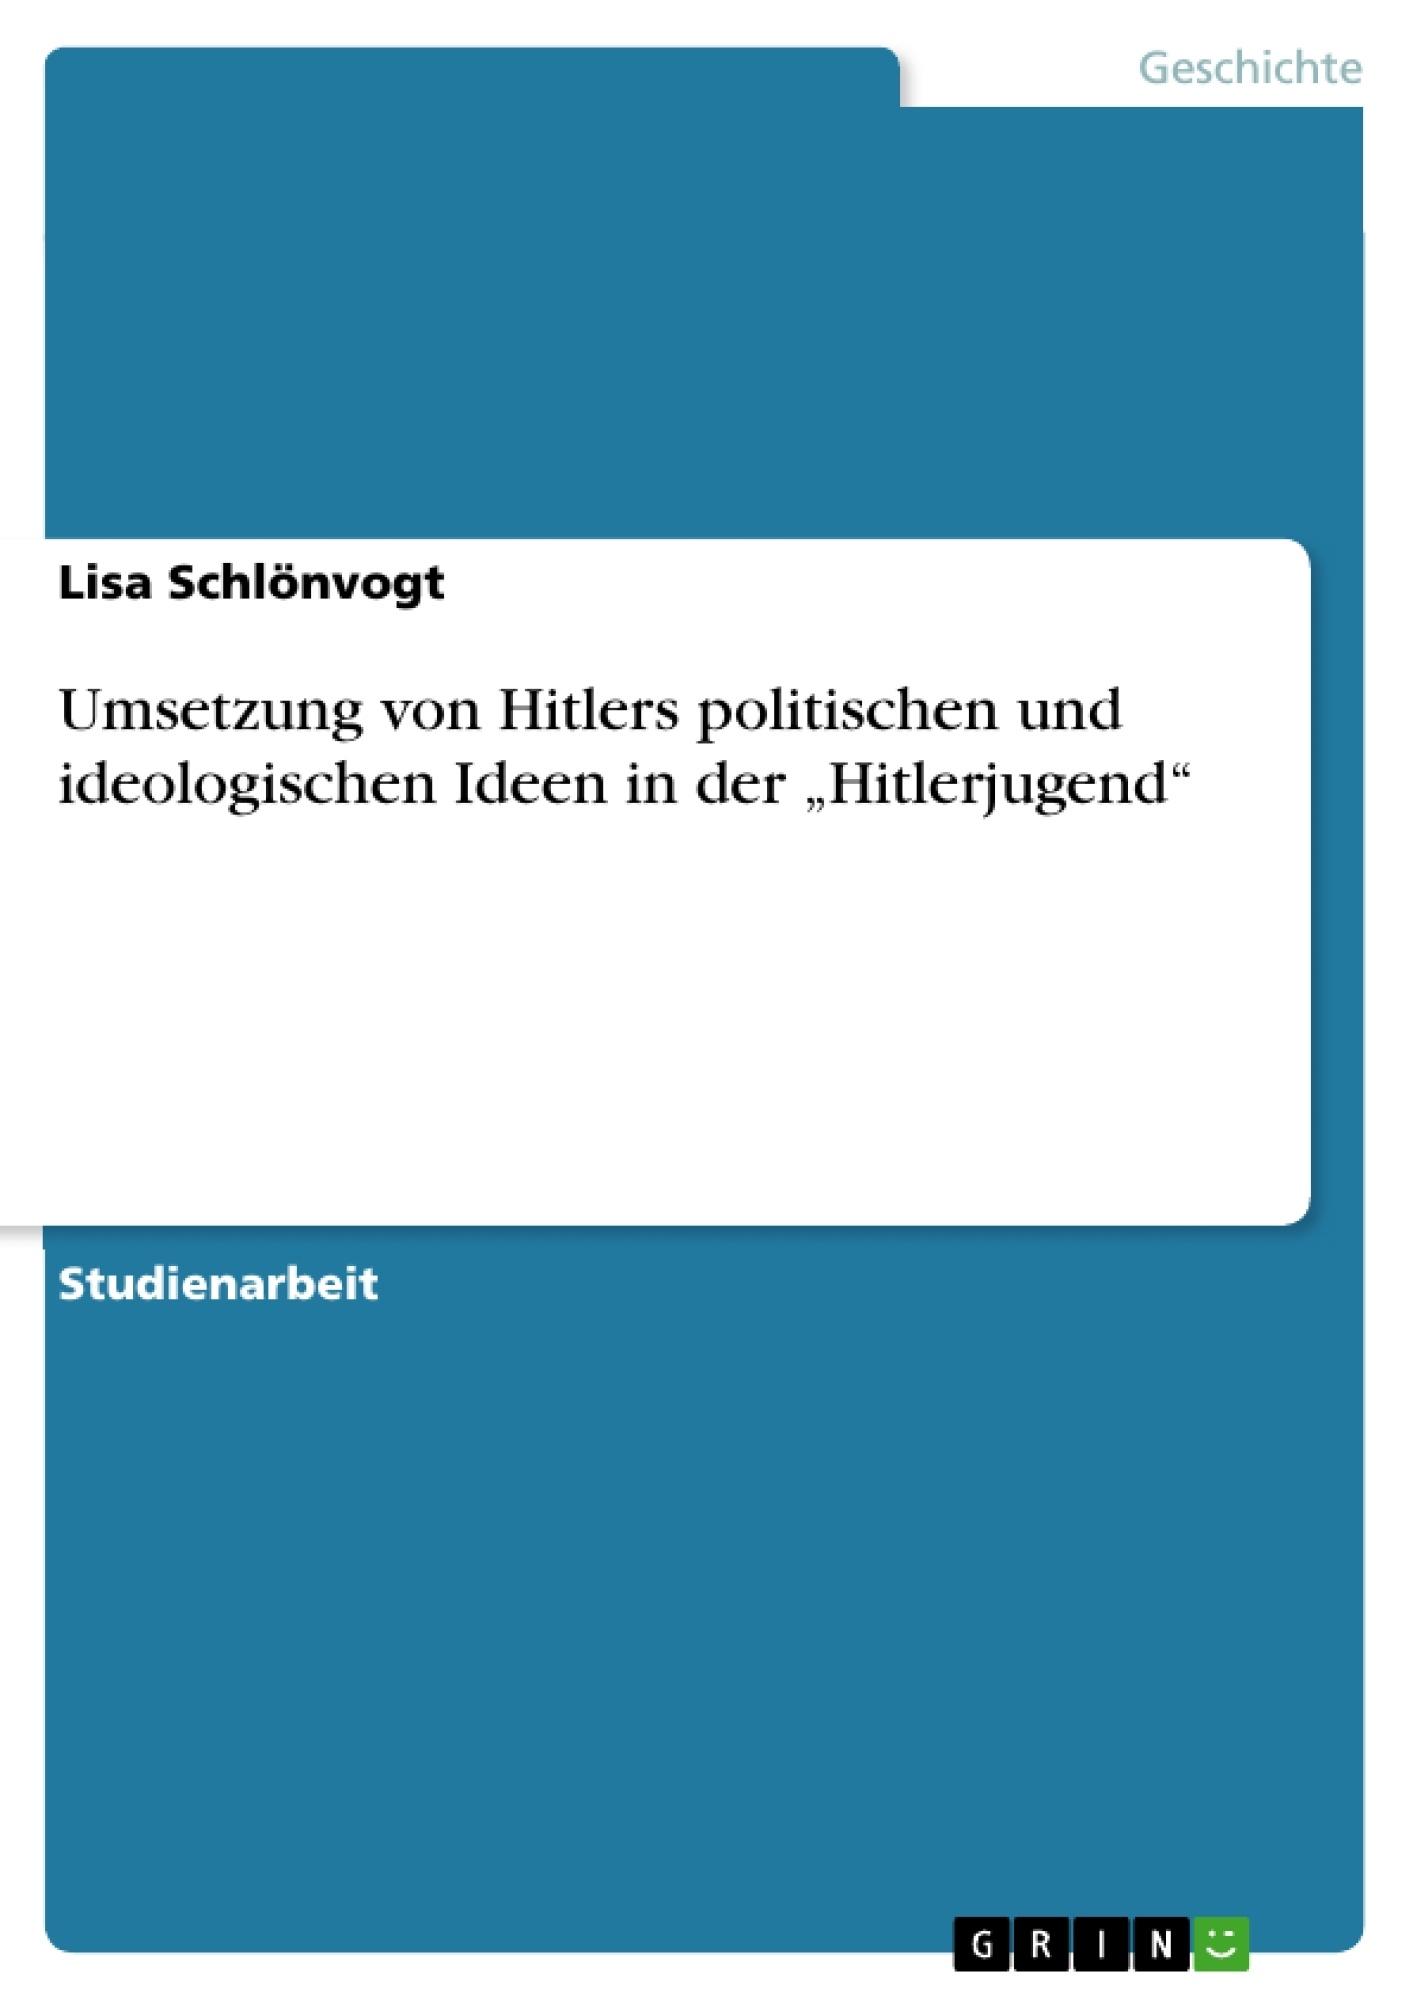 """Titel: Umsetzung von Hitlers politischen und ideologischen Ideen in der """"Hitlerjugend"""""""